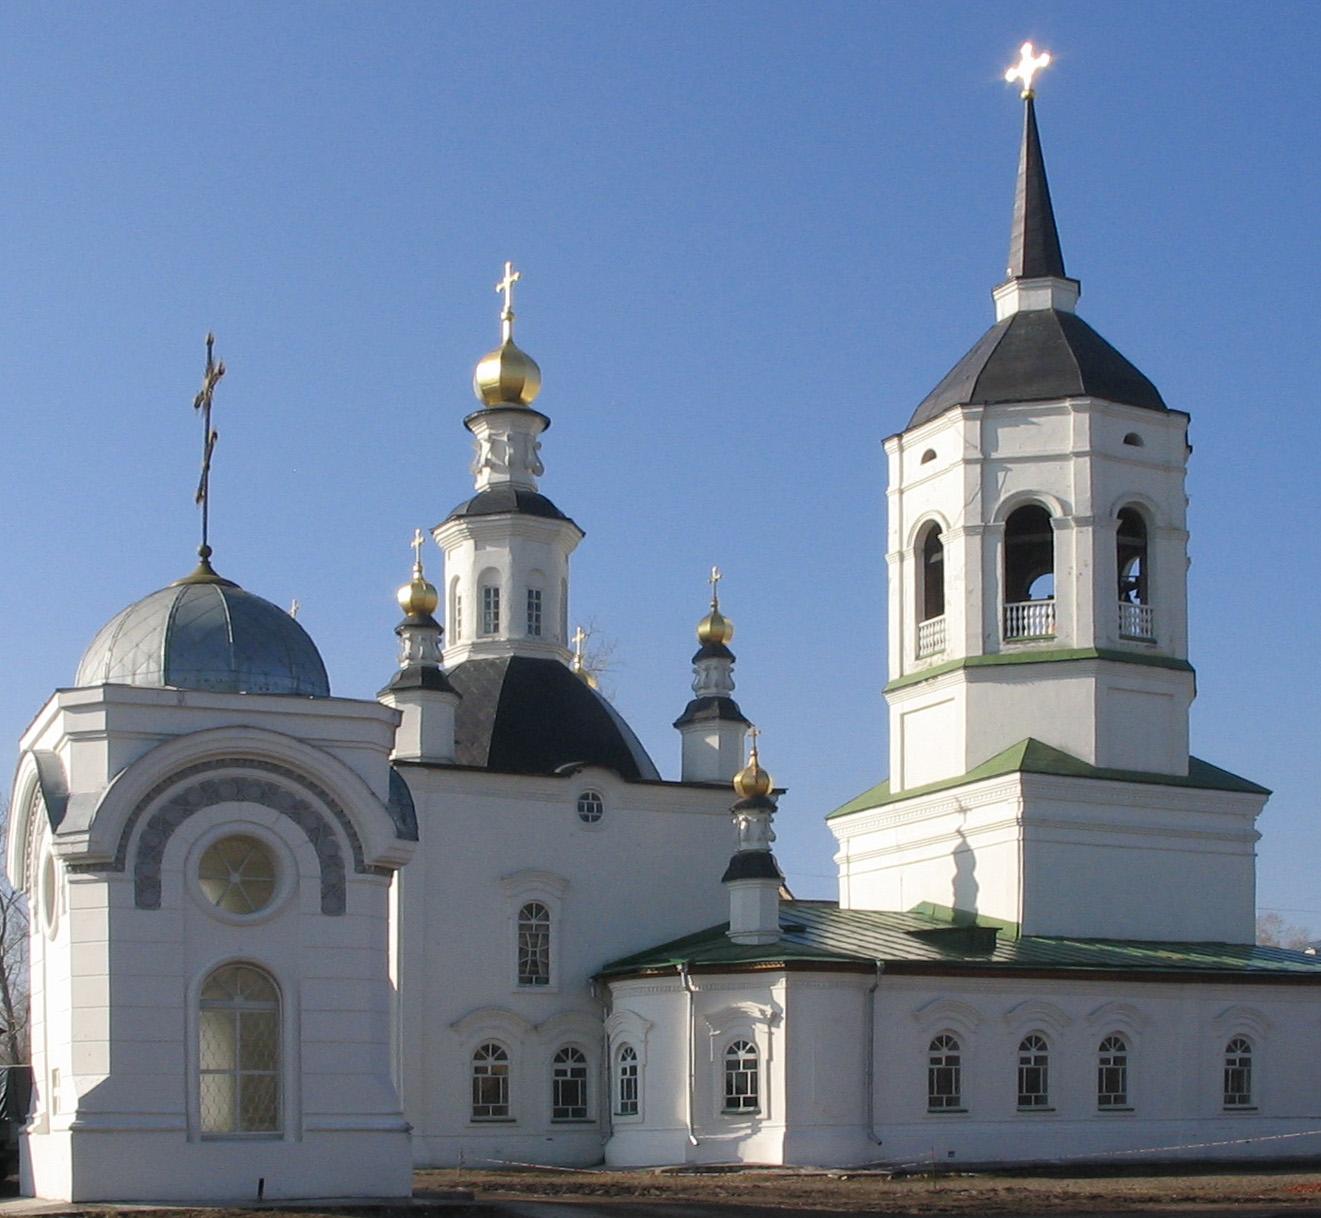 Прославление Церковь Прославления гТомск  8 октября